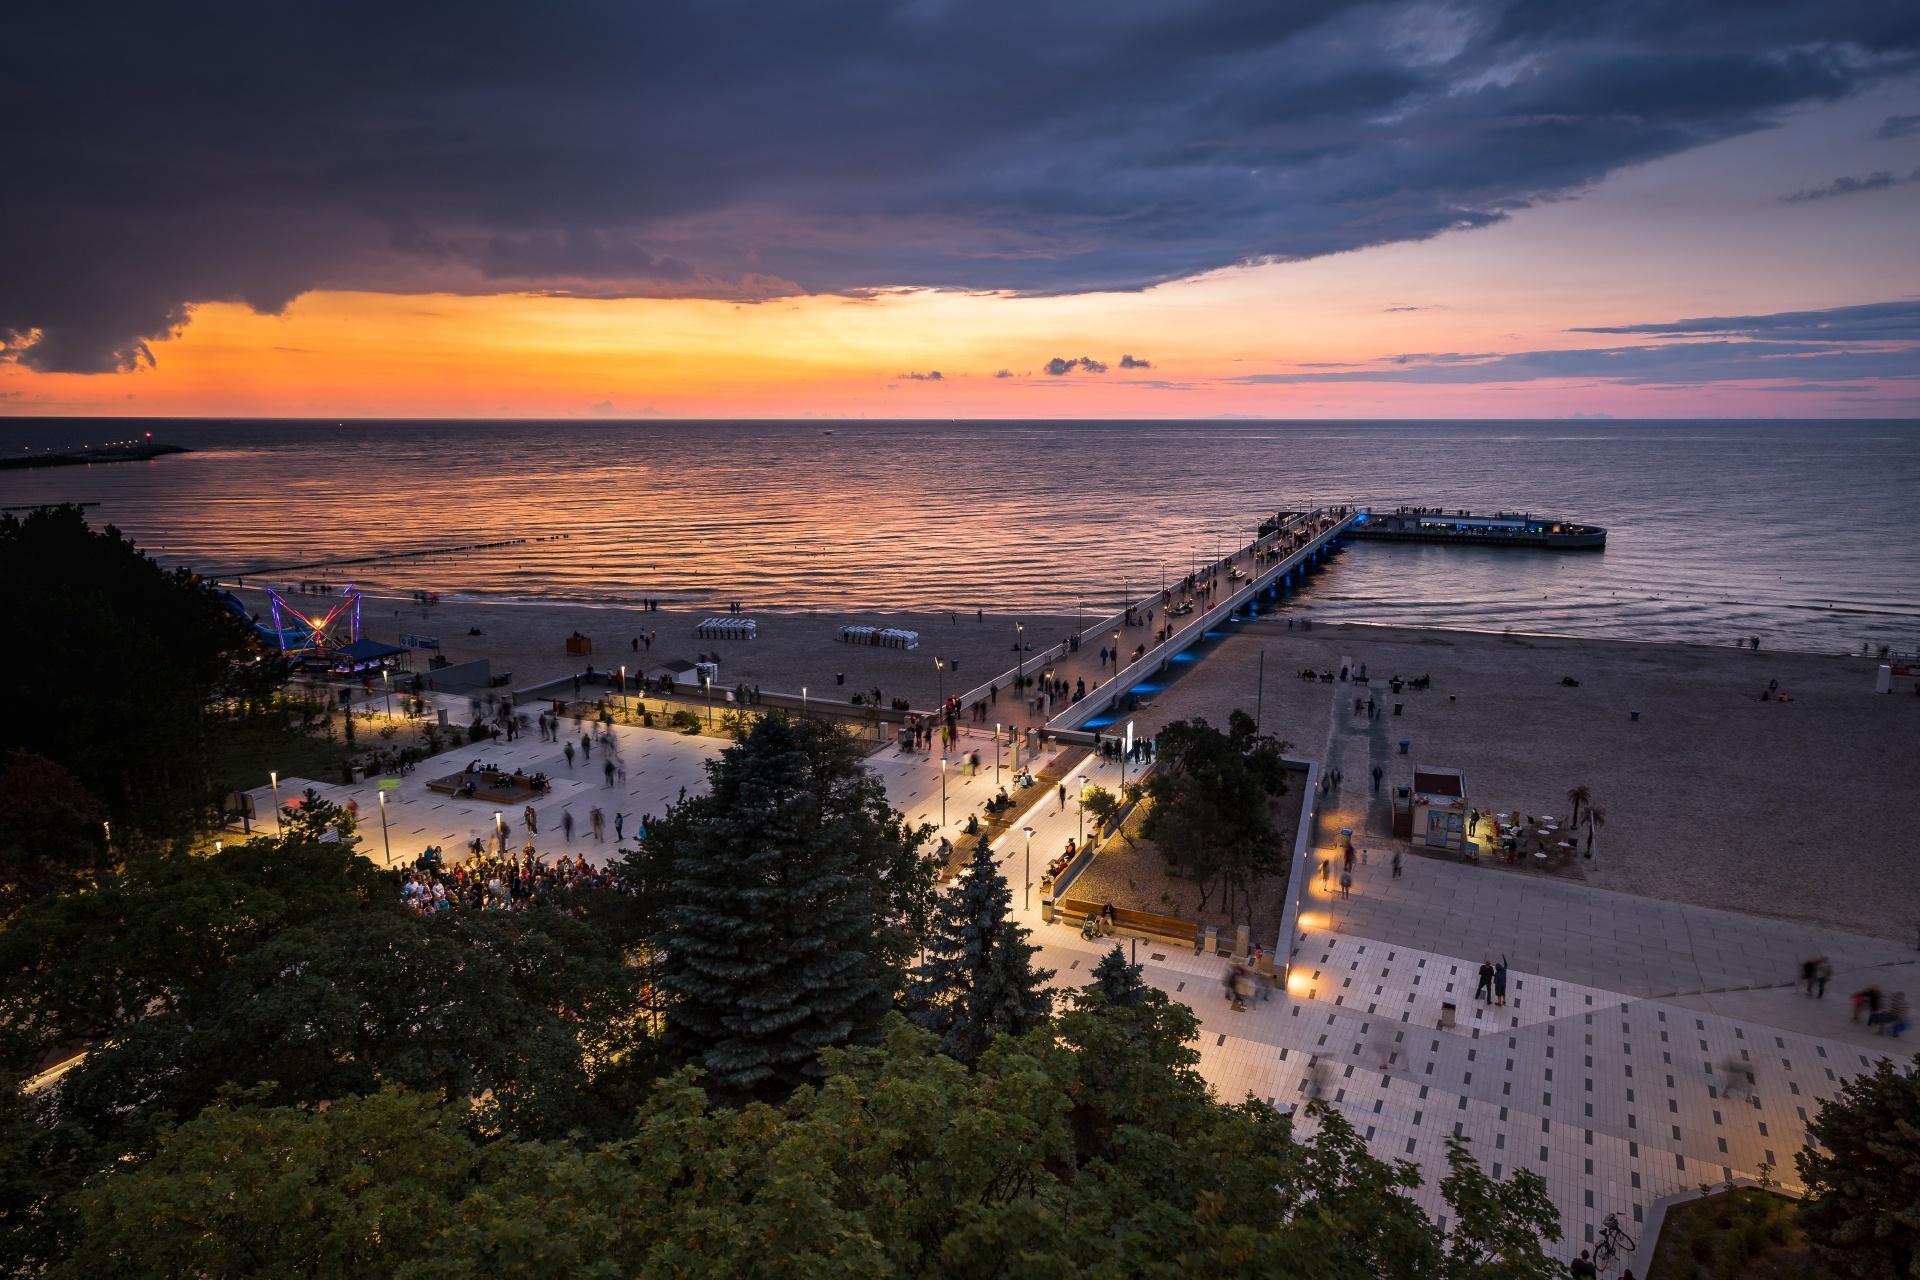 夕暮れの海岸の風景 ポーランドの風景